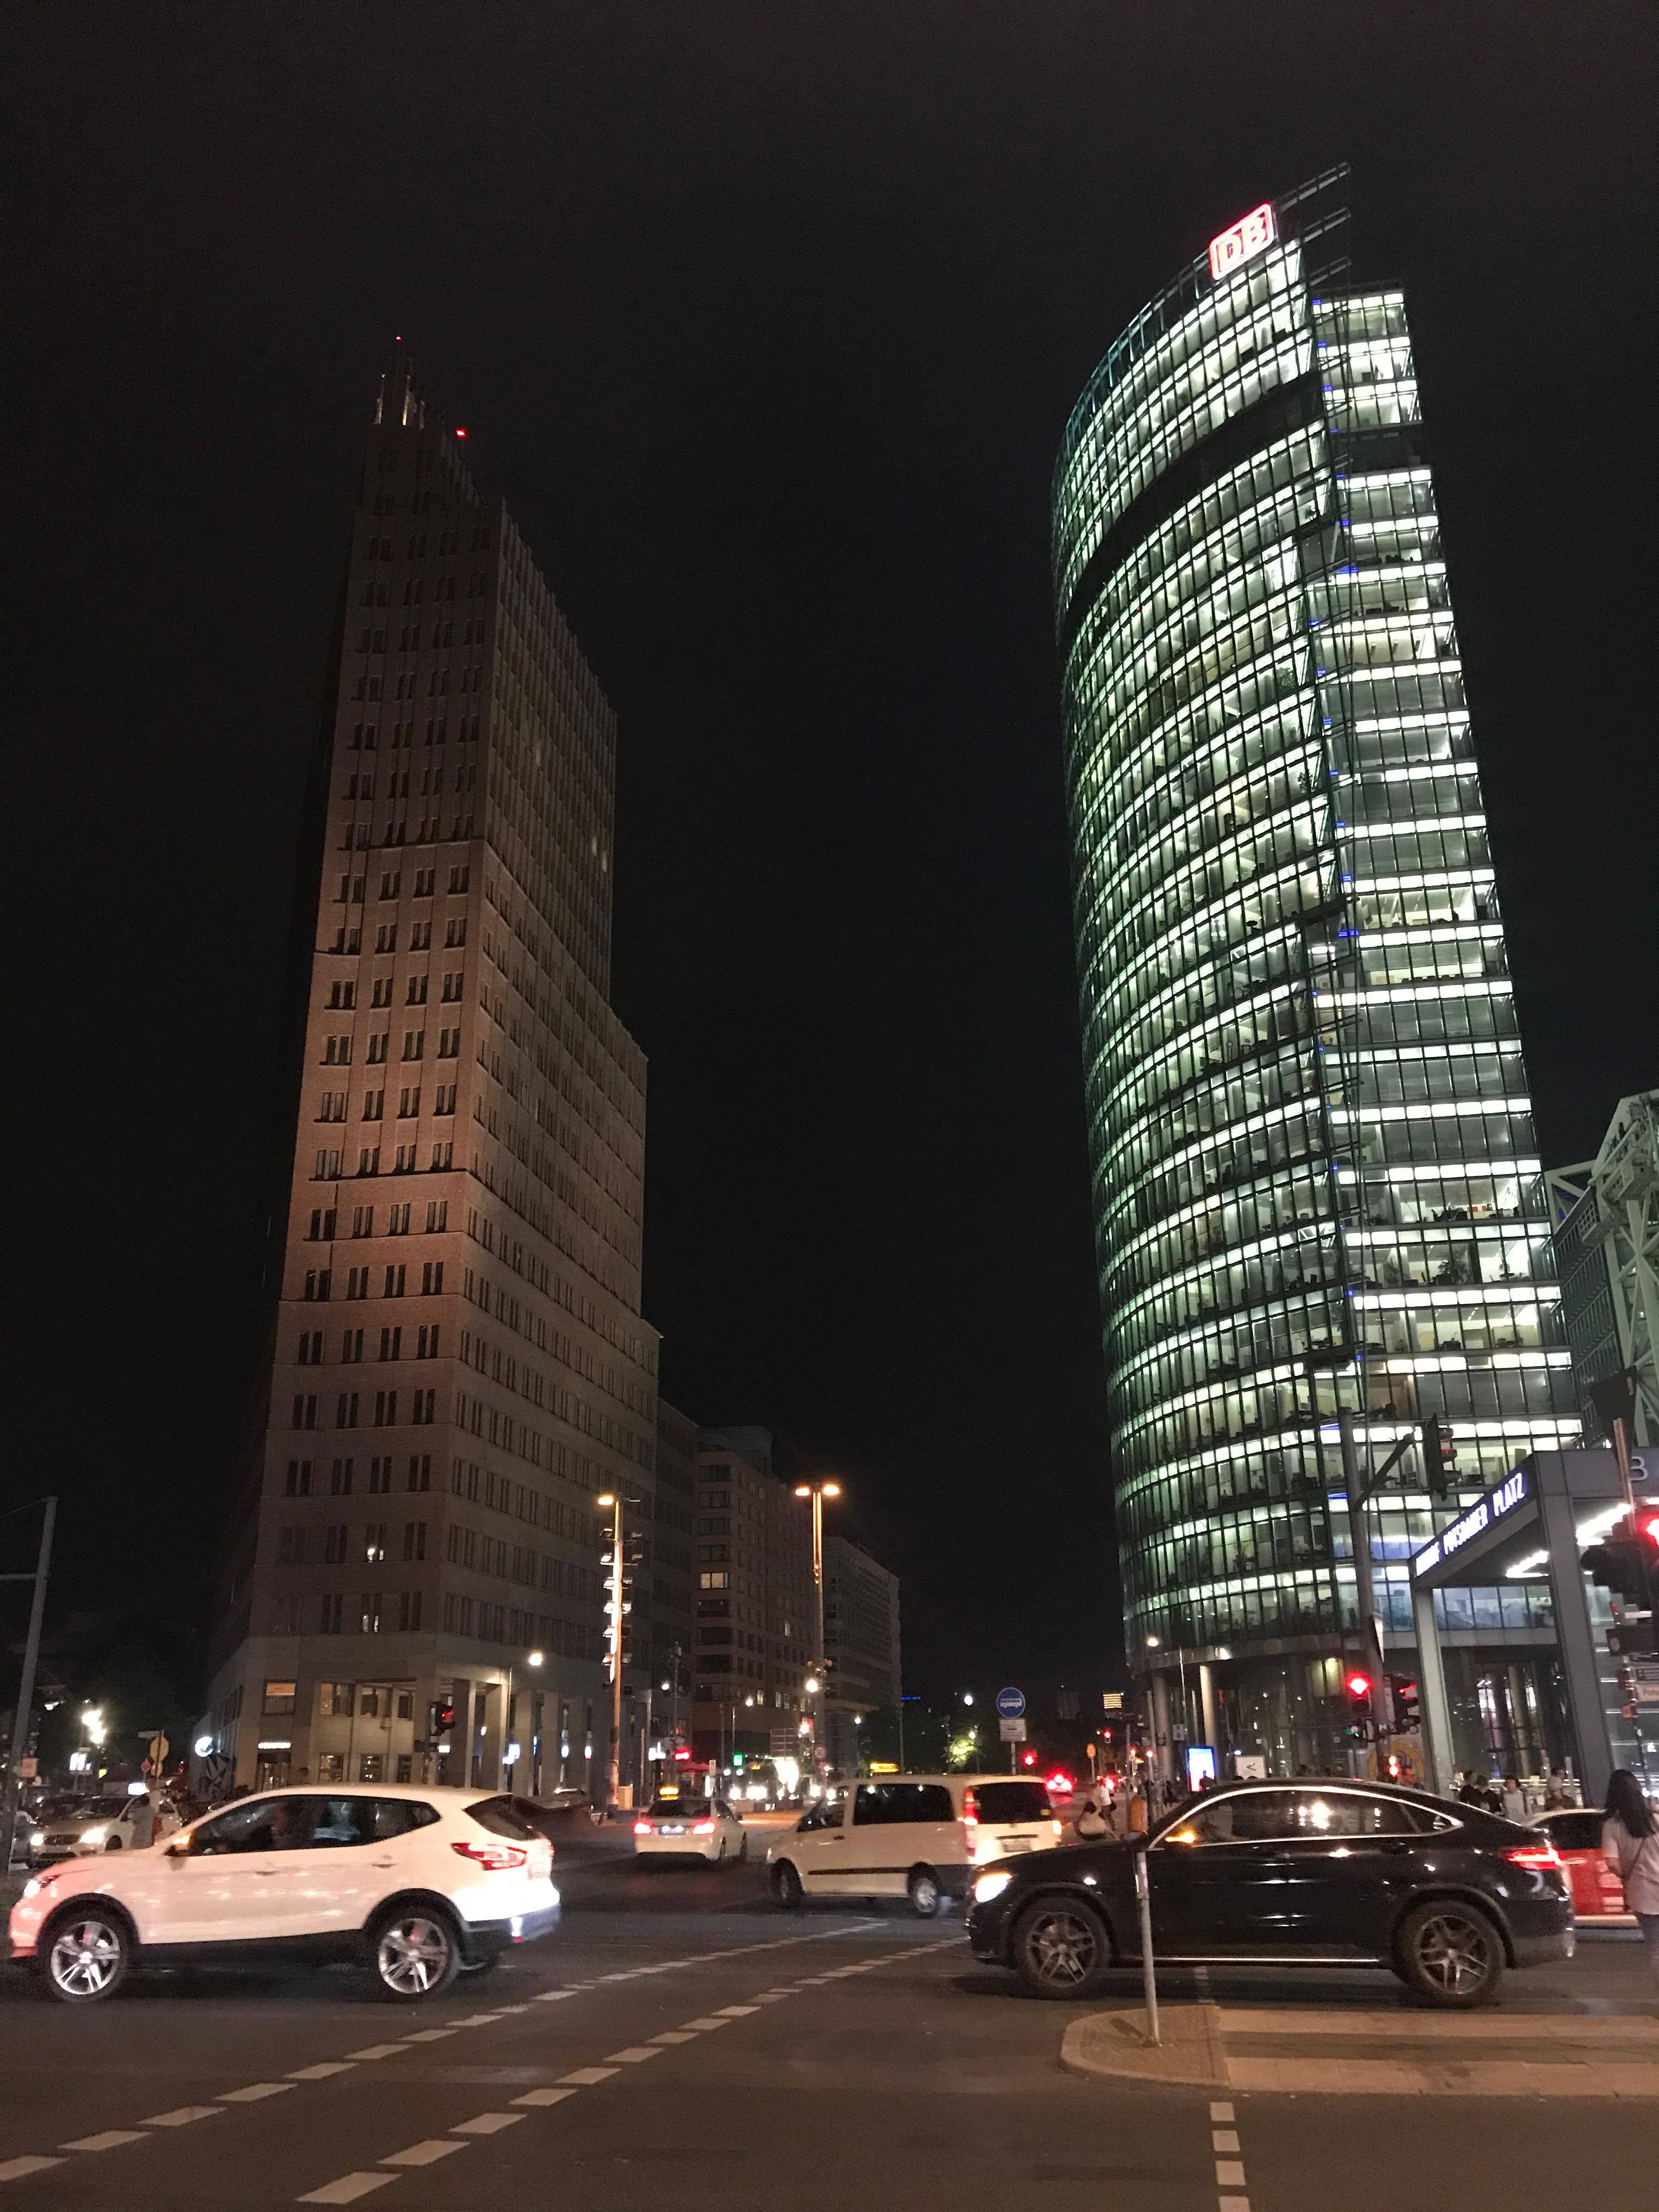 IMG_8201 برلين عاصمة الحرب و السلام , هنا تجدون رحلتي لها مع اهم الاماكن السياحية و الفنادق و الاسواق و بعض المطاعم .